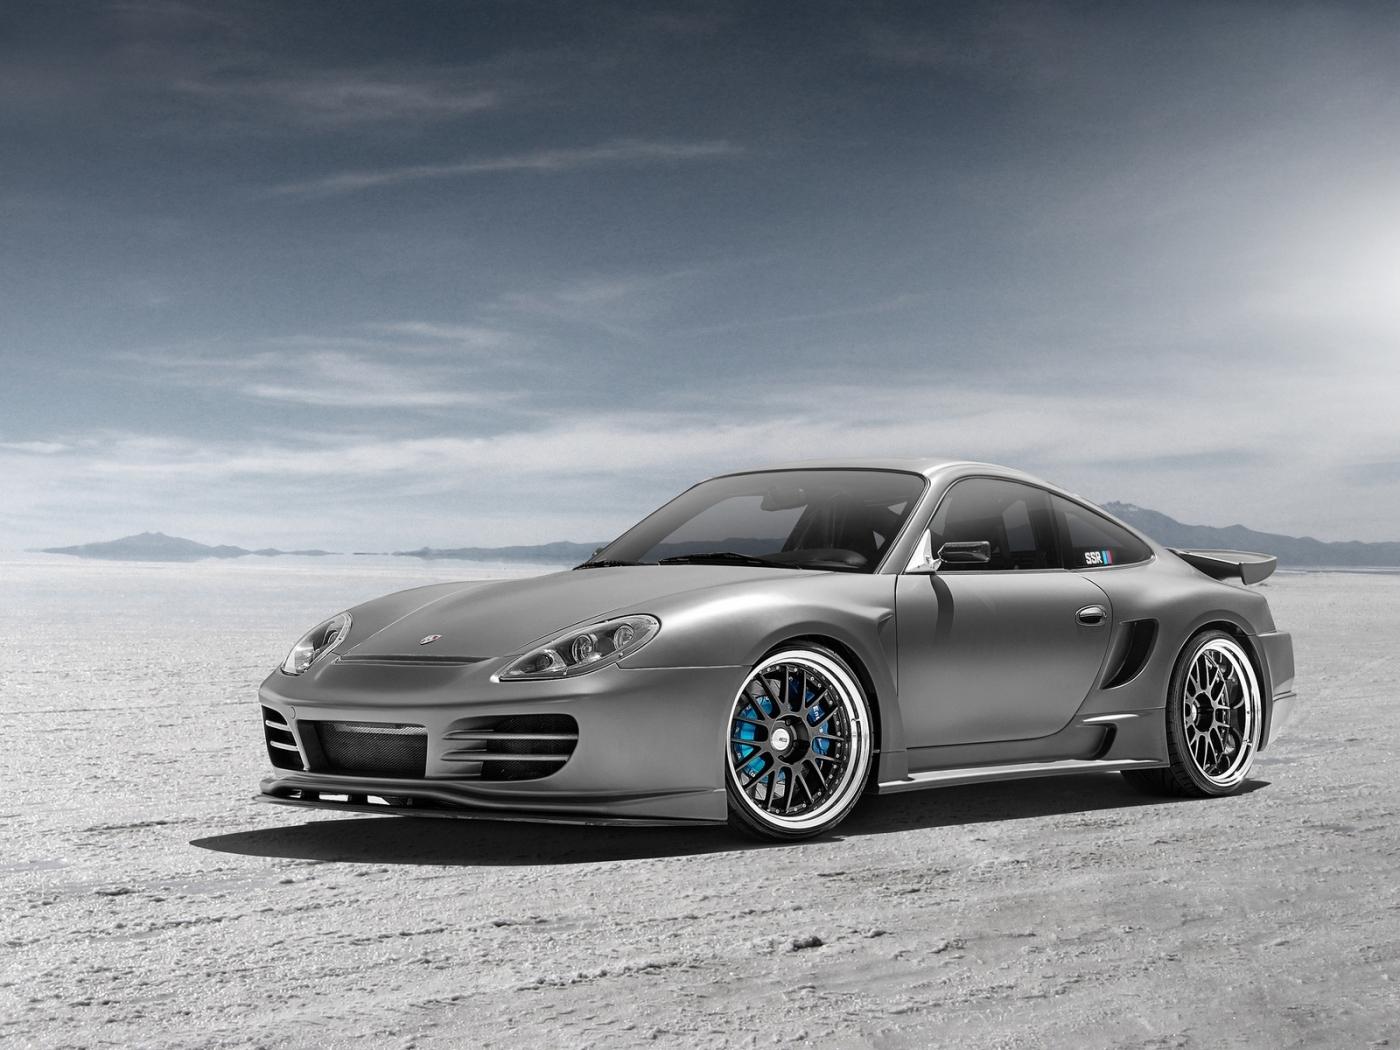 50131 скачать обои Транспорт, Машины, Порш (Porsche) - заставки и картинки бесплатно